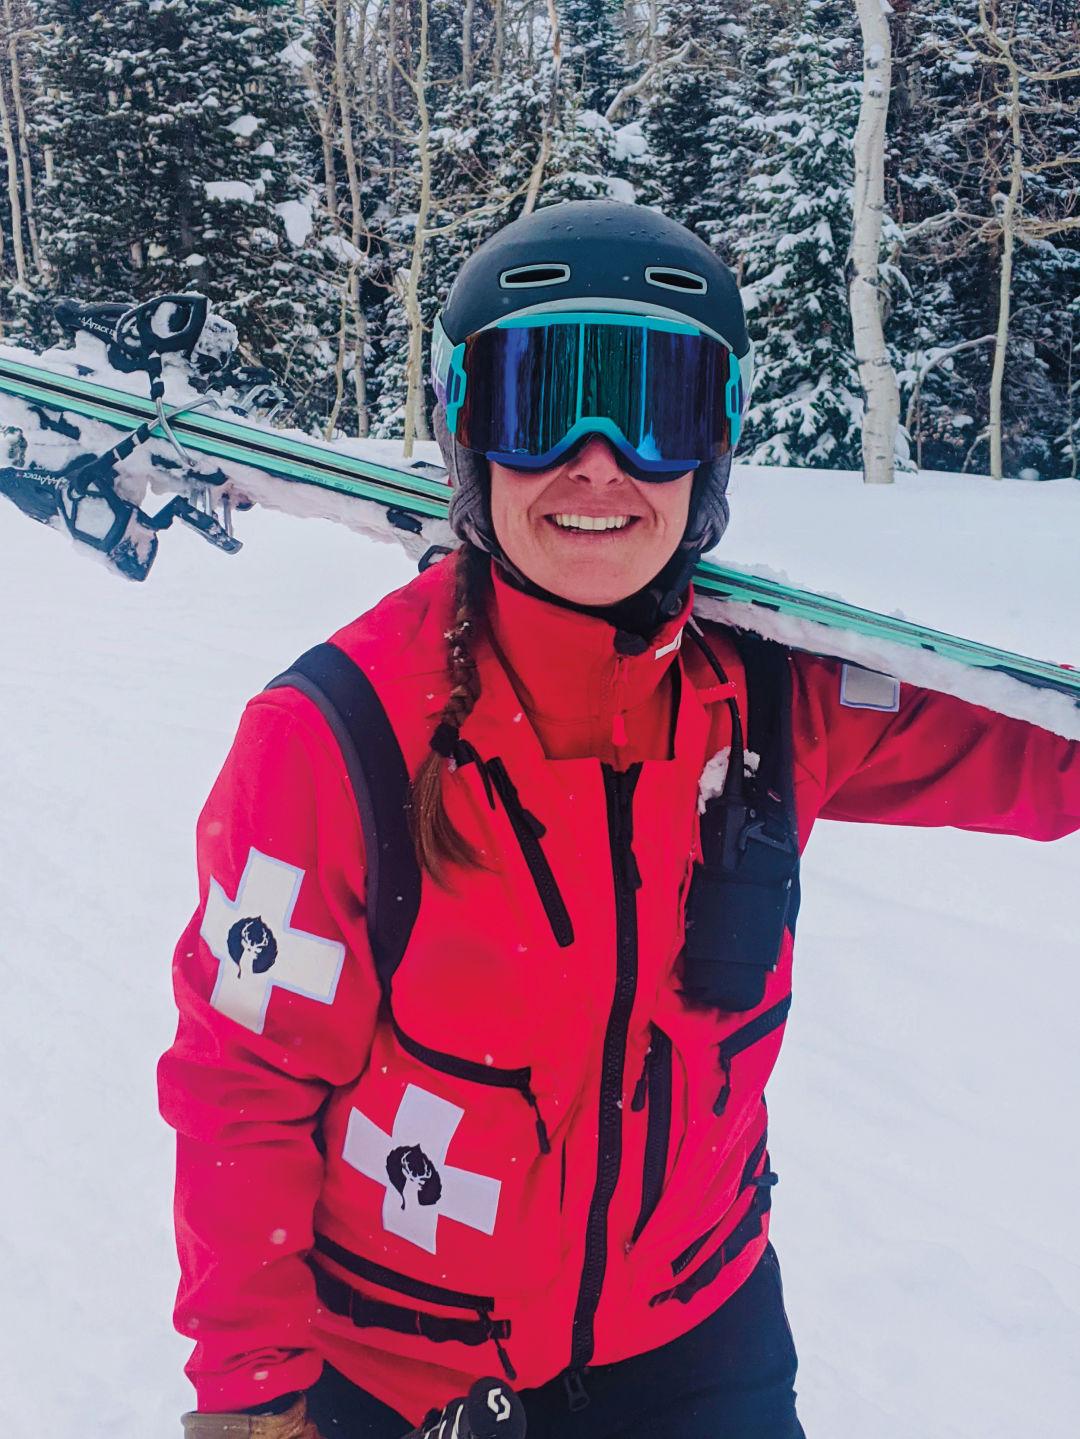 Julie Hygon, Ski Patroller